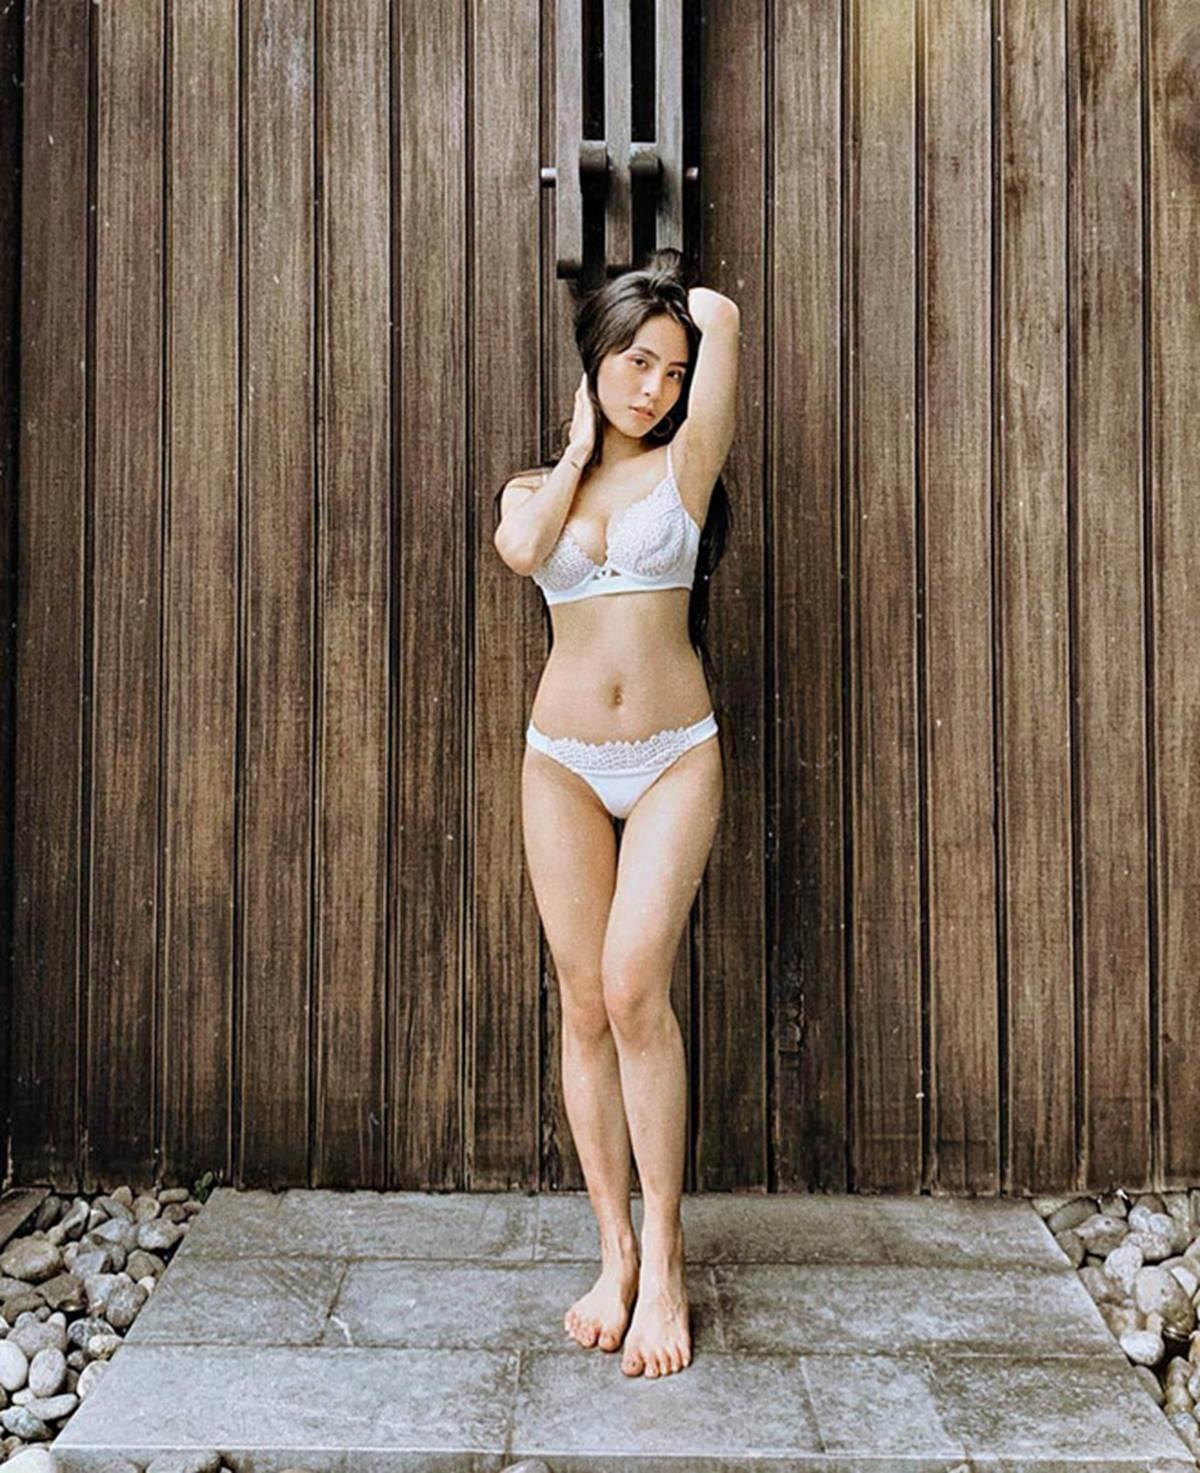 Ca nương Kiều Anh đăng ảnh diện bikini khoe vòng một 90 cm-11